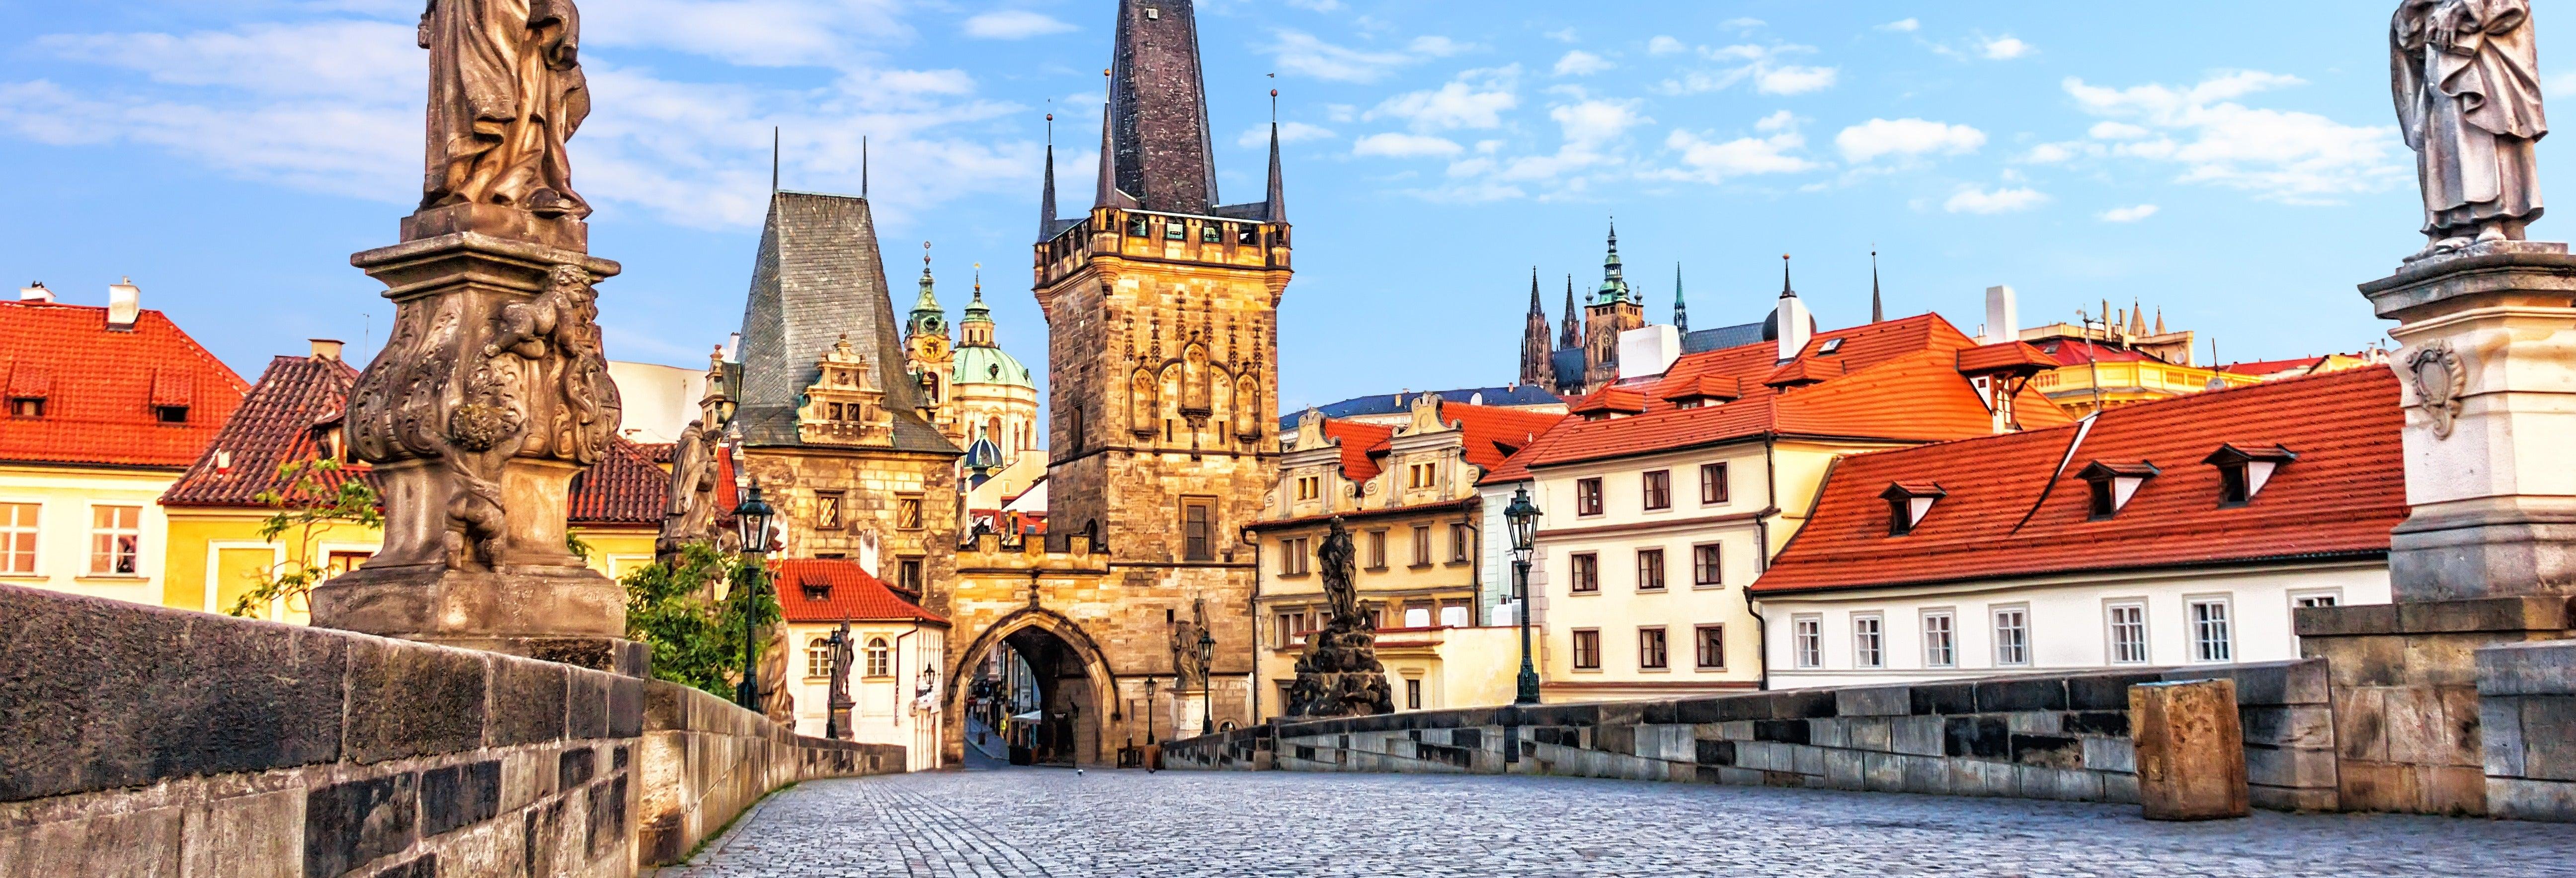 Visita guiada por Hradčany e Malá Strana